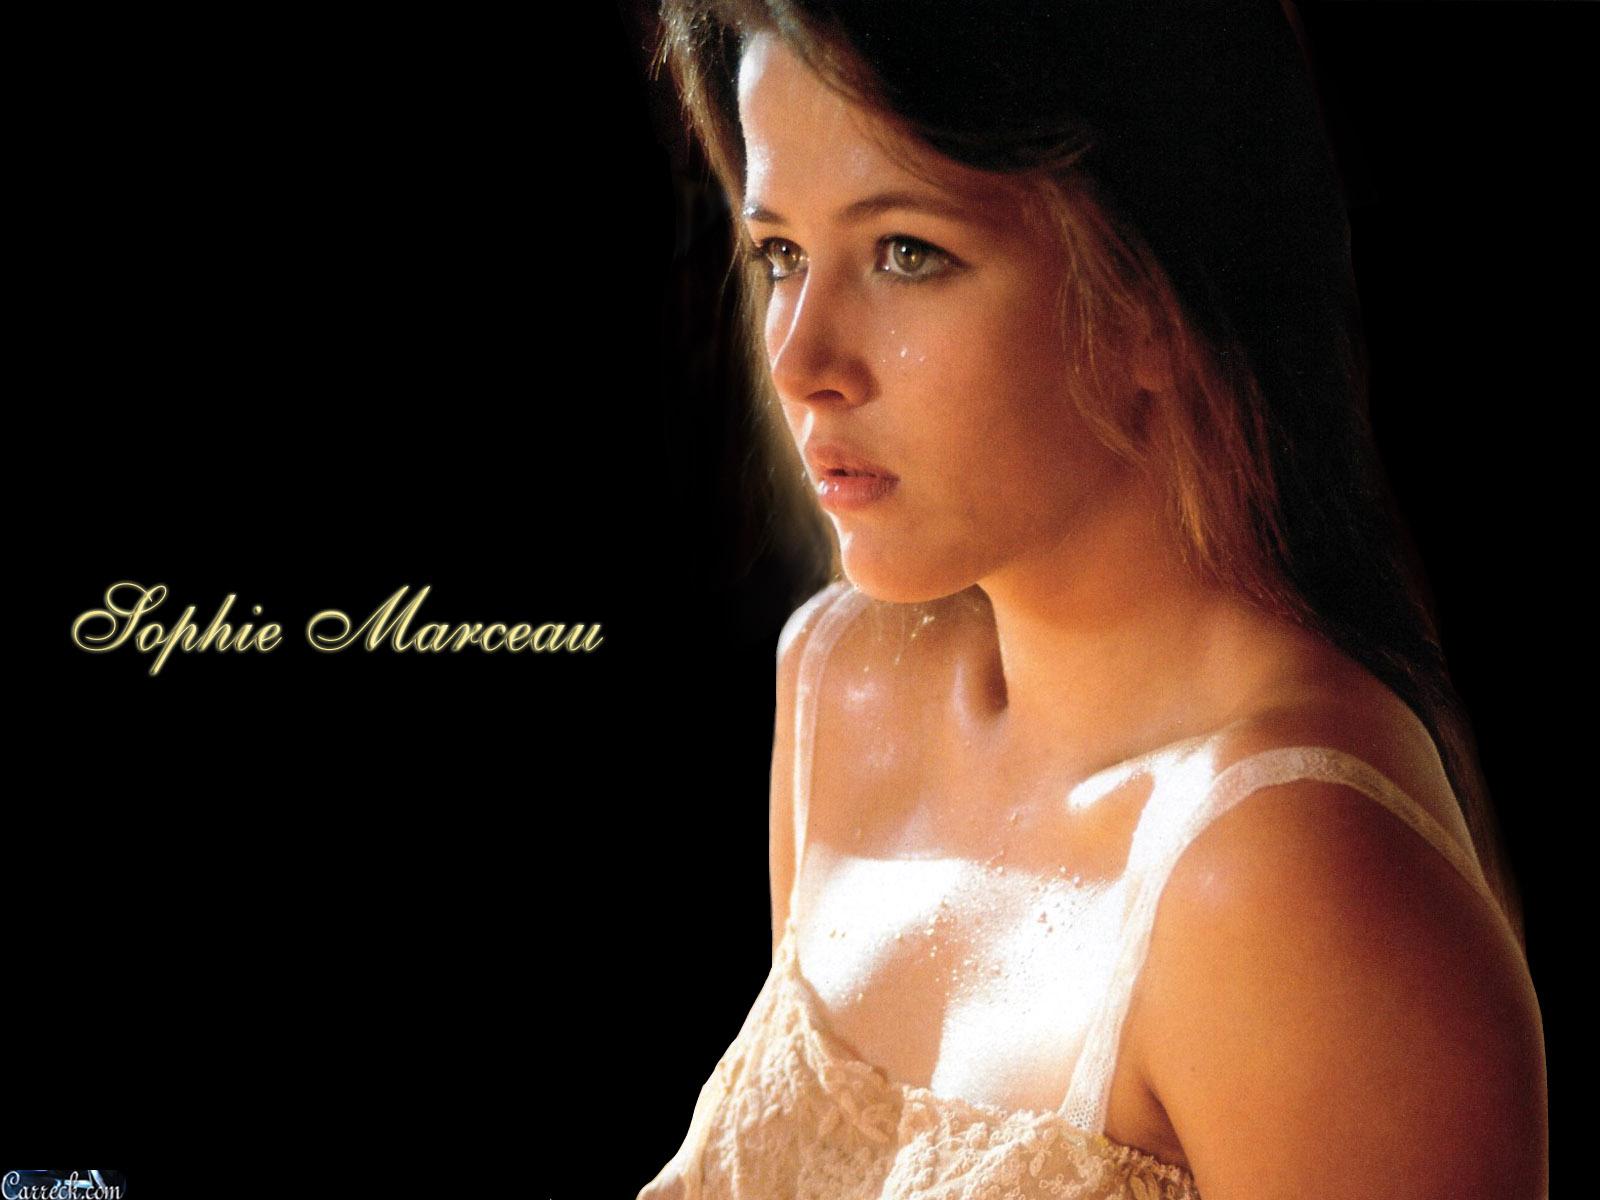 http://4.bp.blogspot.com/-VSrMDKy3YiU/USZoDCOcETI/AAAAAAAAFmg/3hXP0YdM7BQ/s1600/Sophie+Marceau+6.jpg